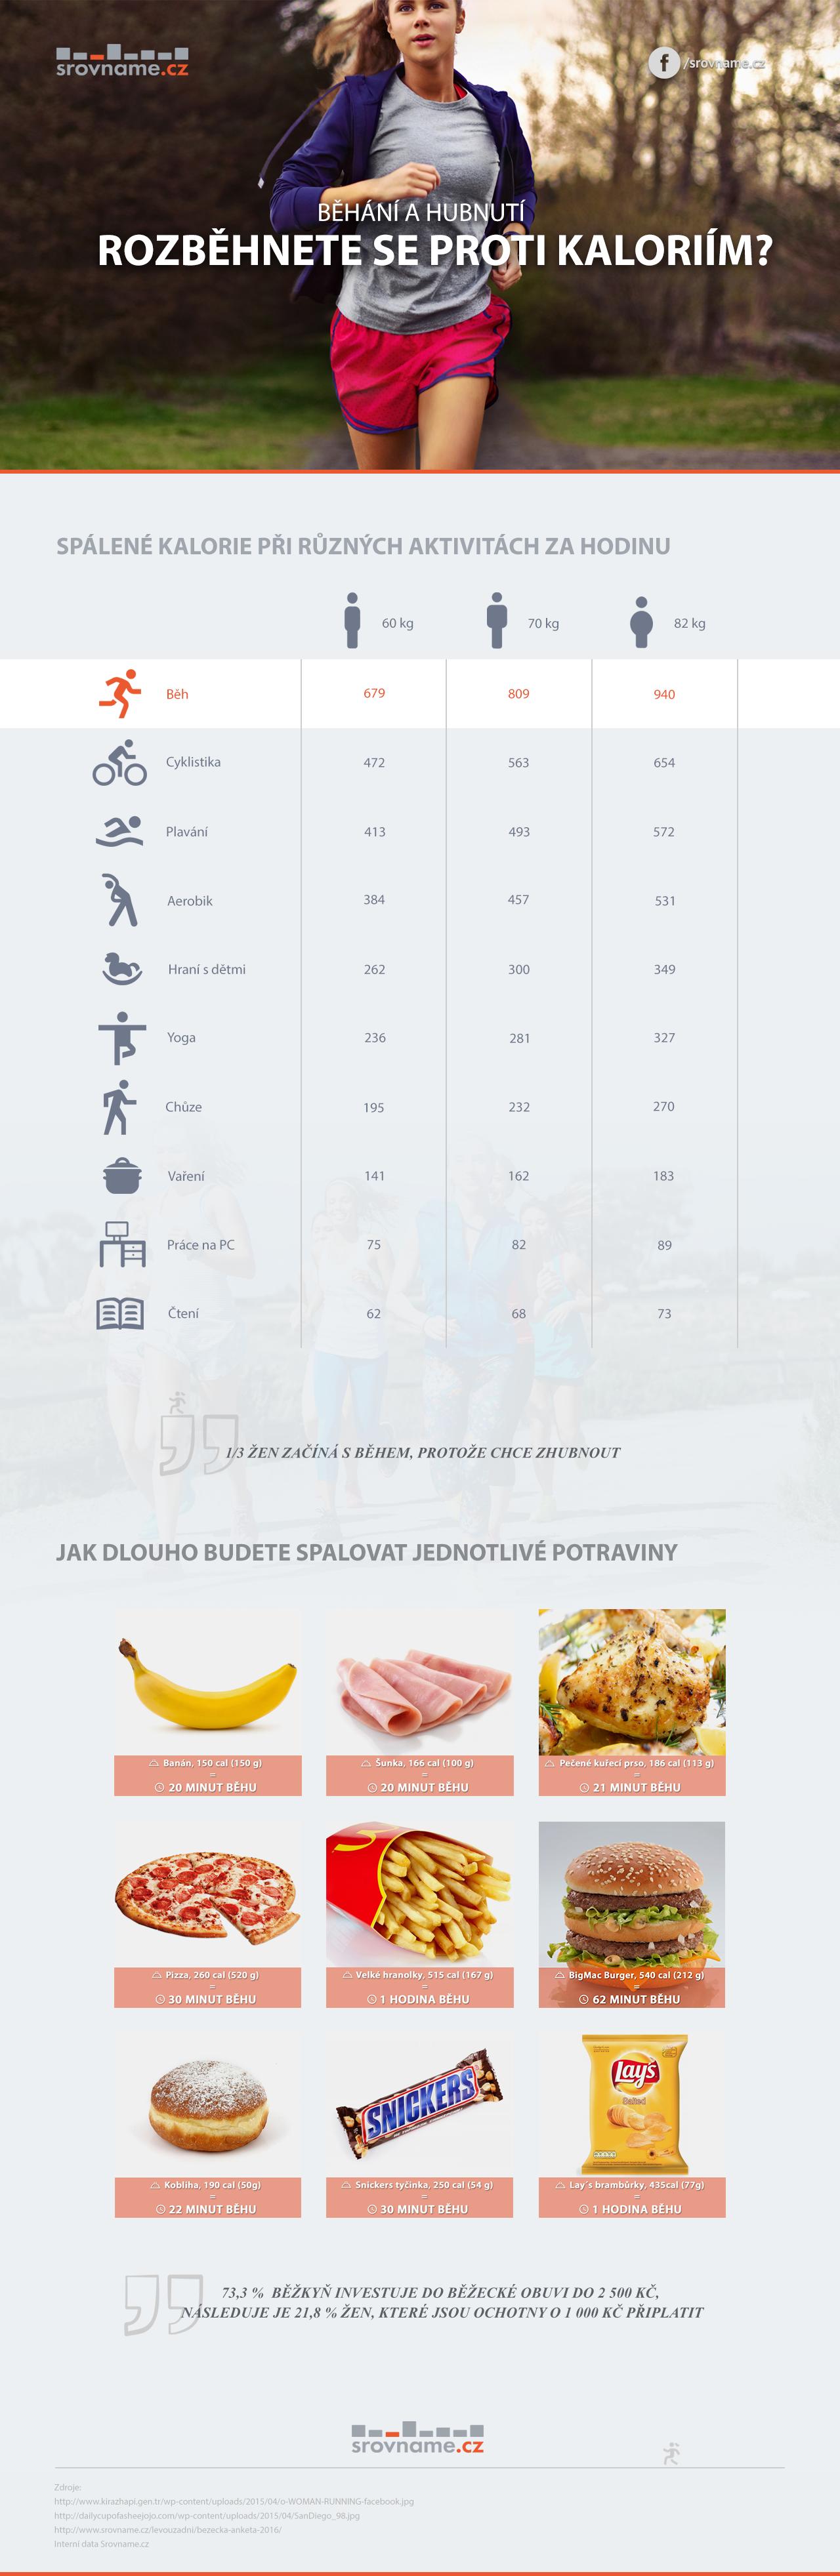 Běhání a hubnutí - infografika